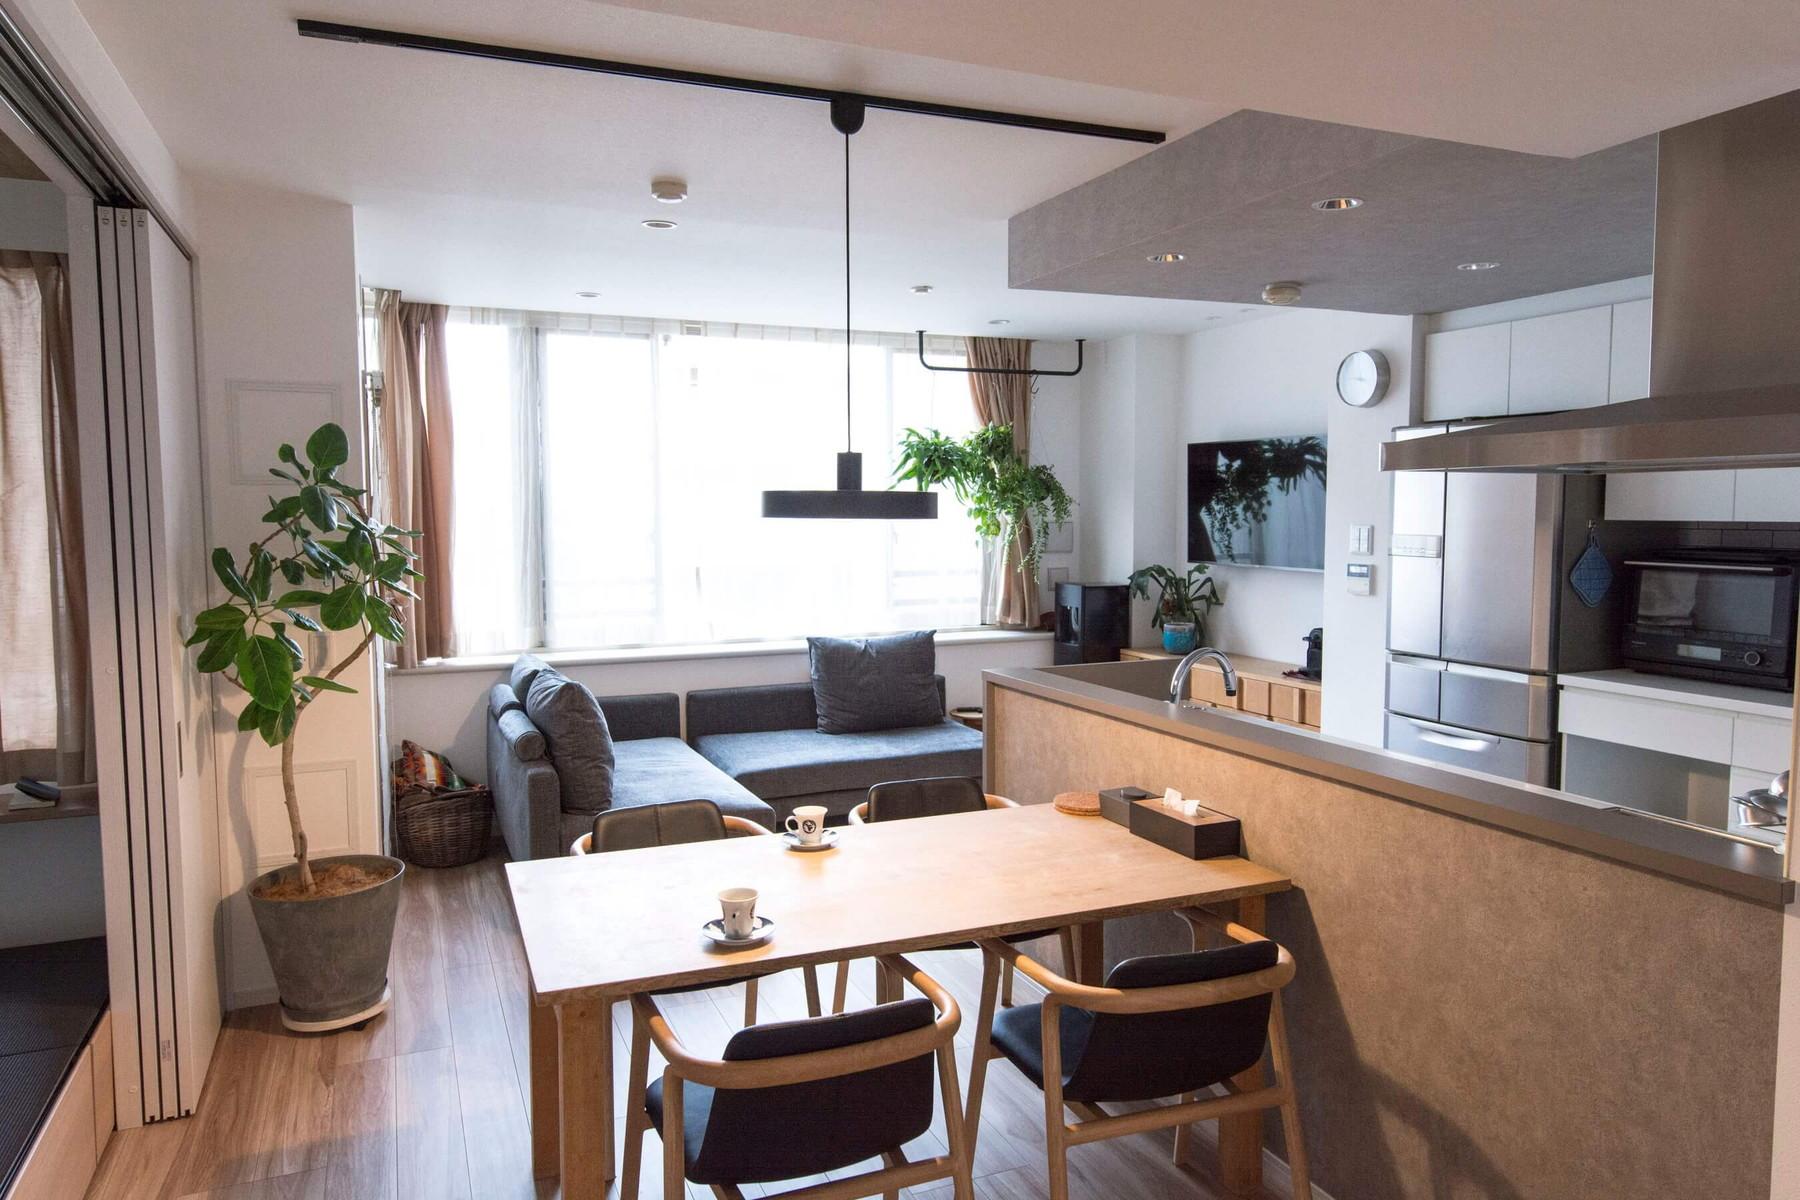 10年暮らした場所だから、自分で選べた家具たち/KOKOROISHIソファのお客様の声